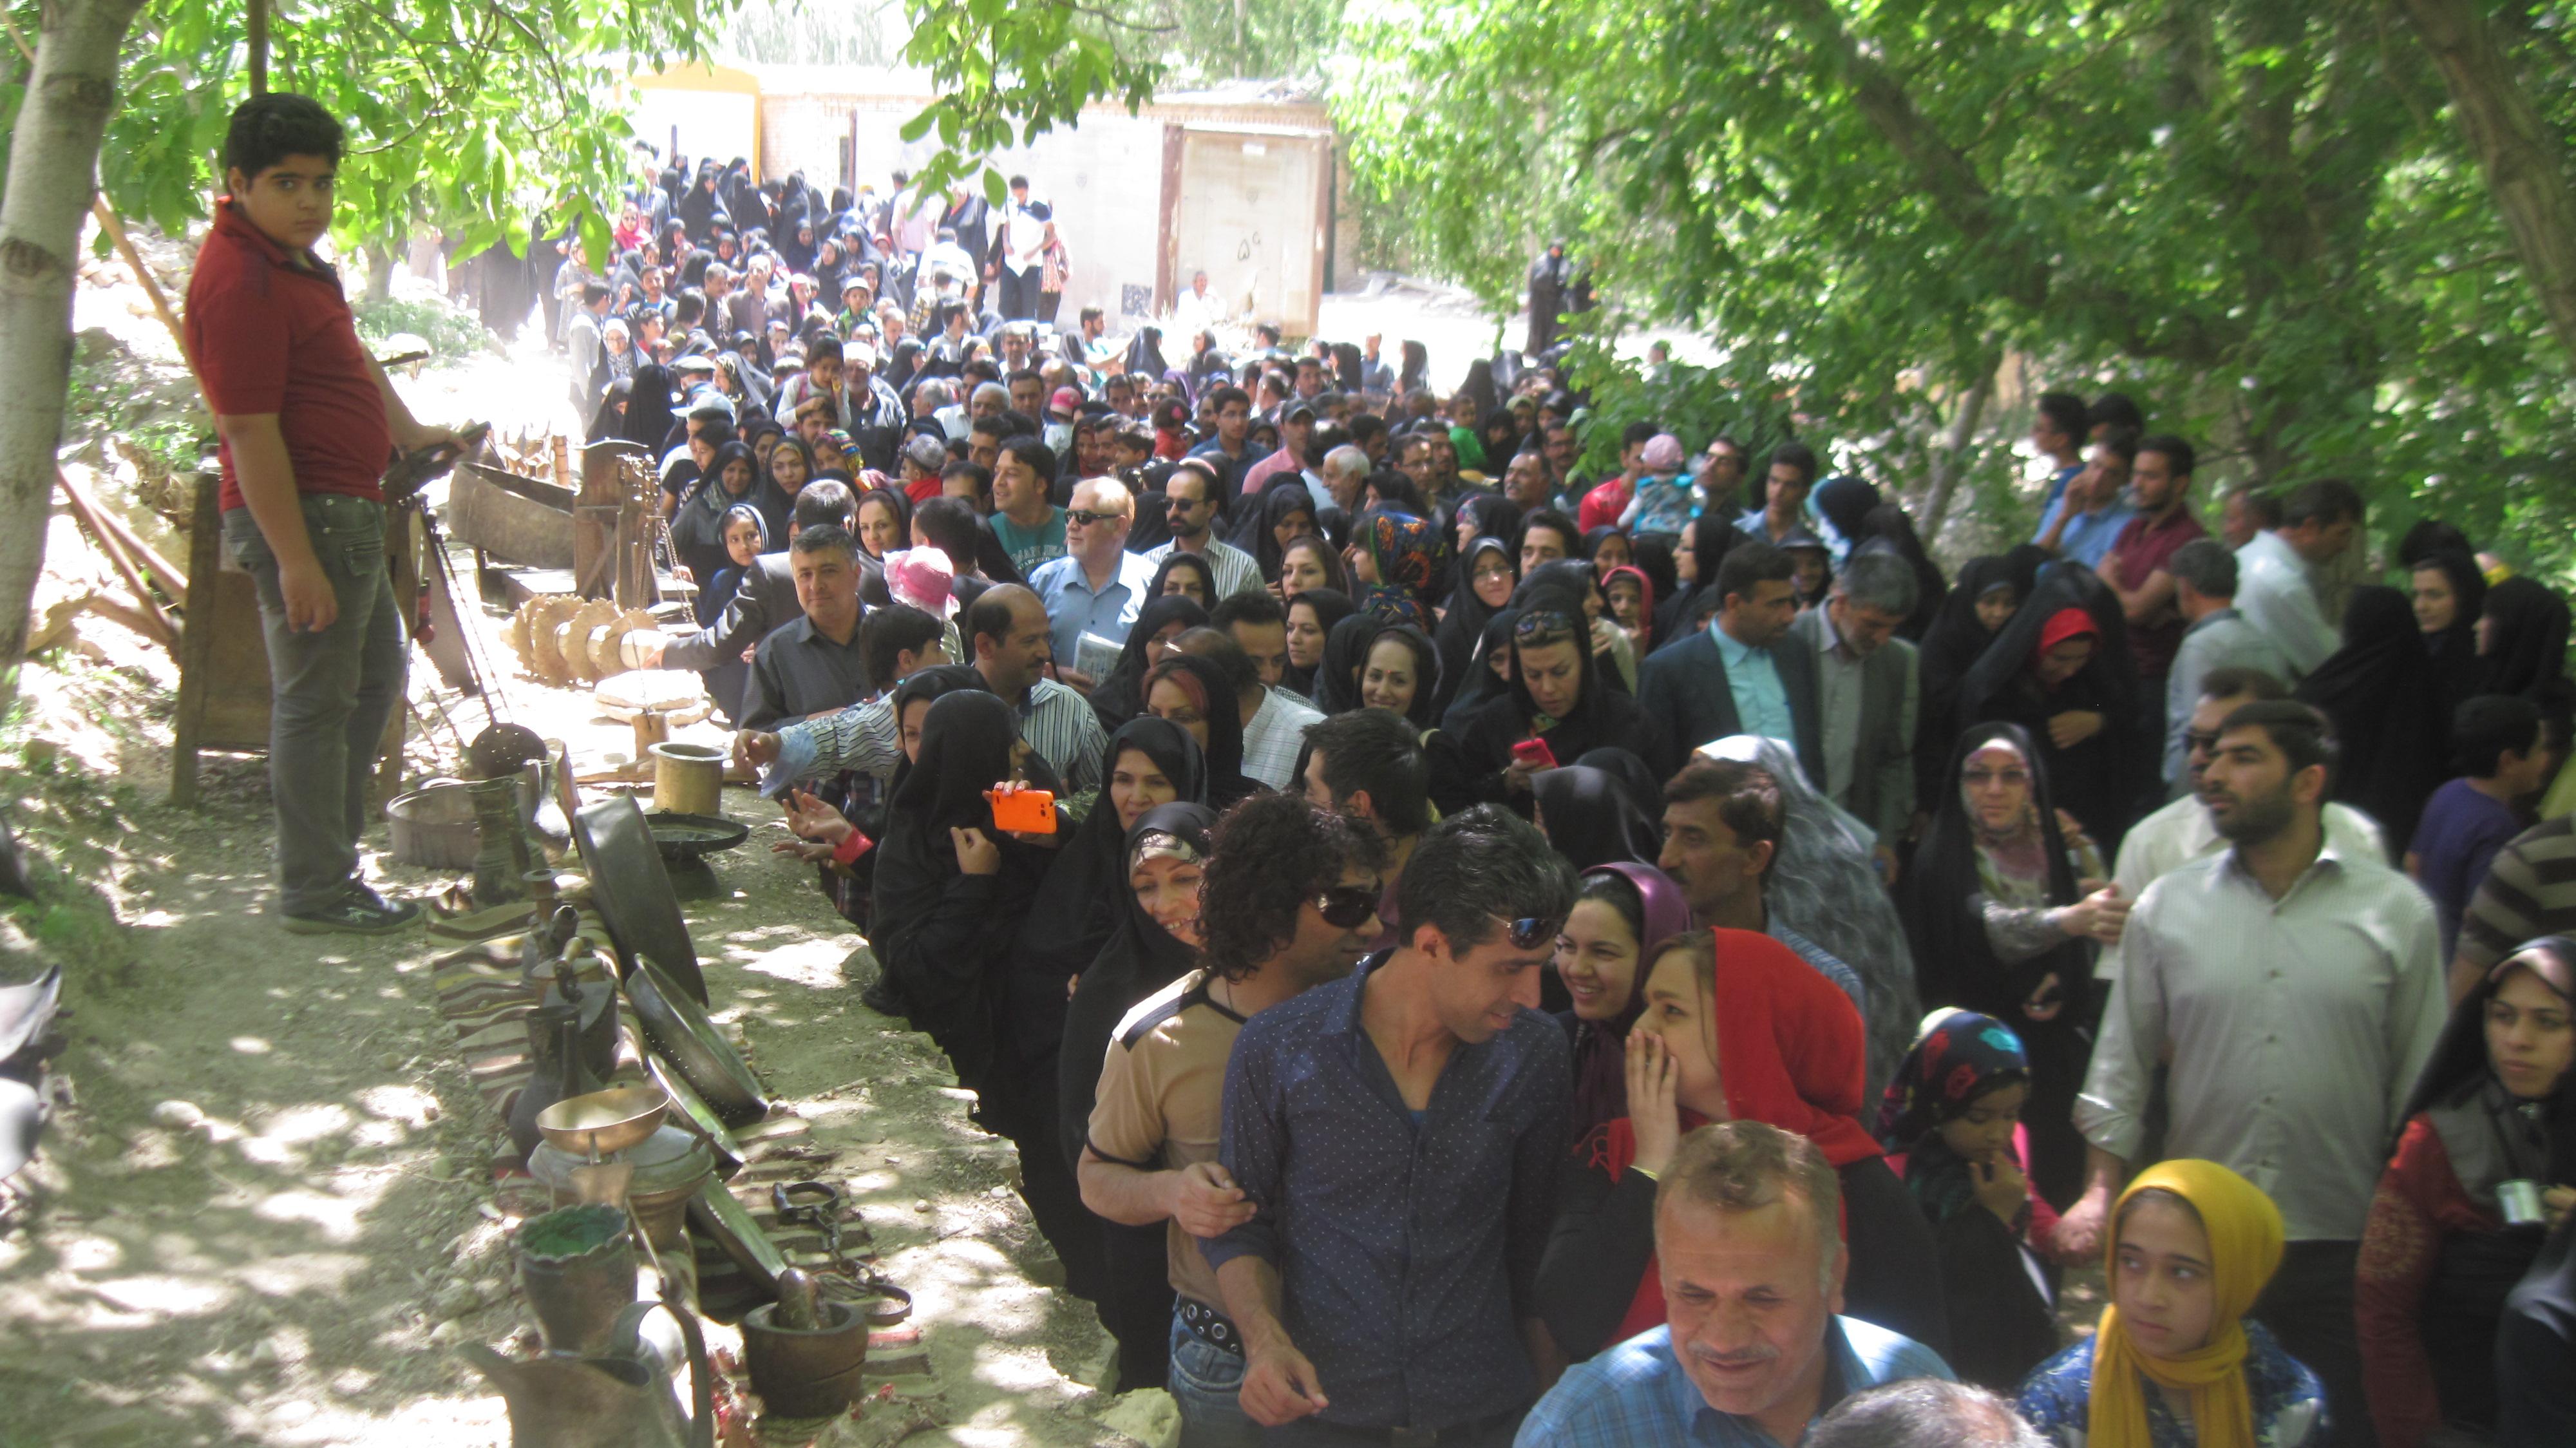 دومین جشنواره آئین امامدر(شیردوشان) شهر دیباج